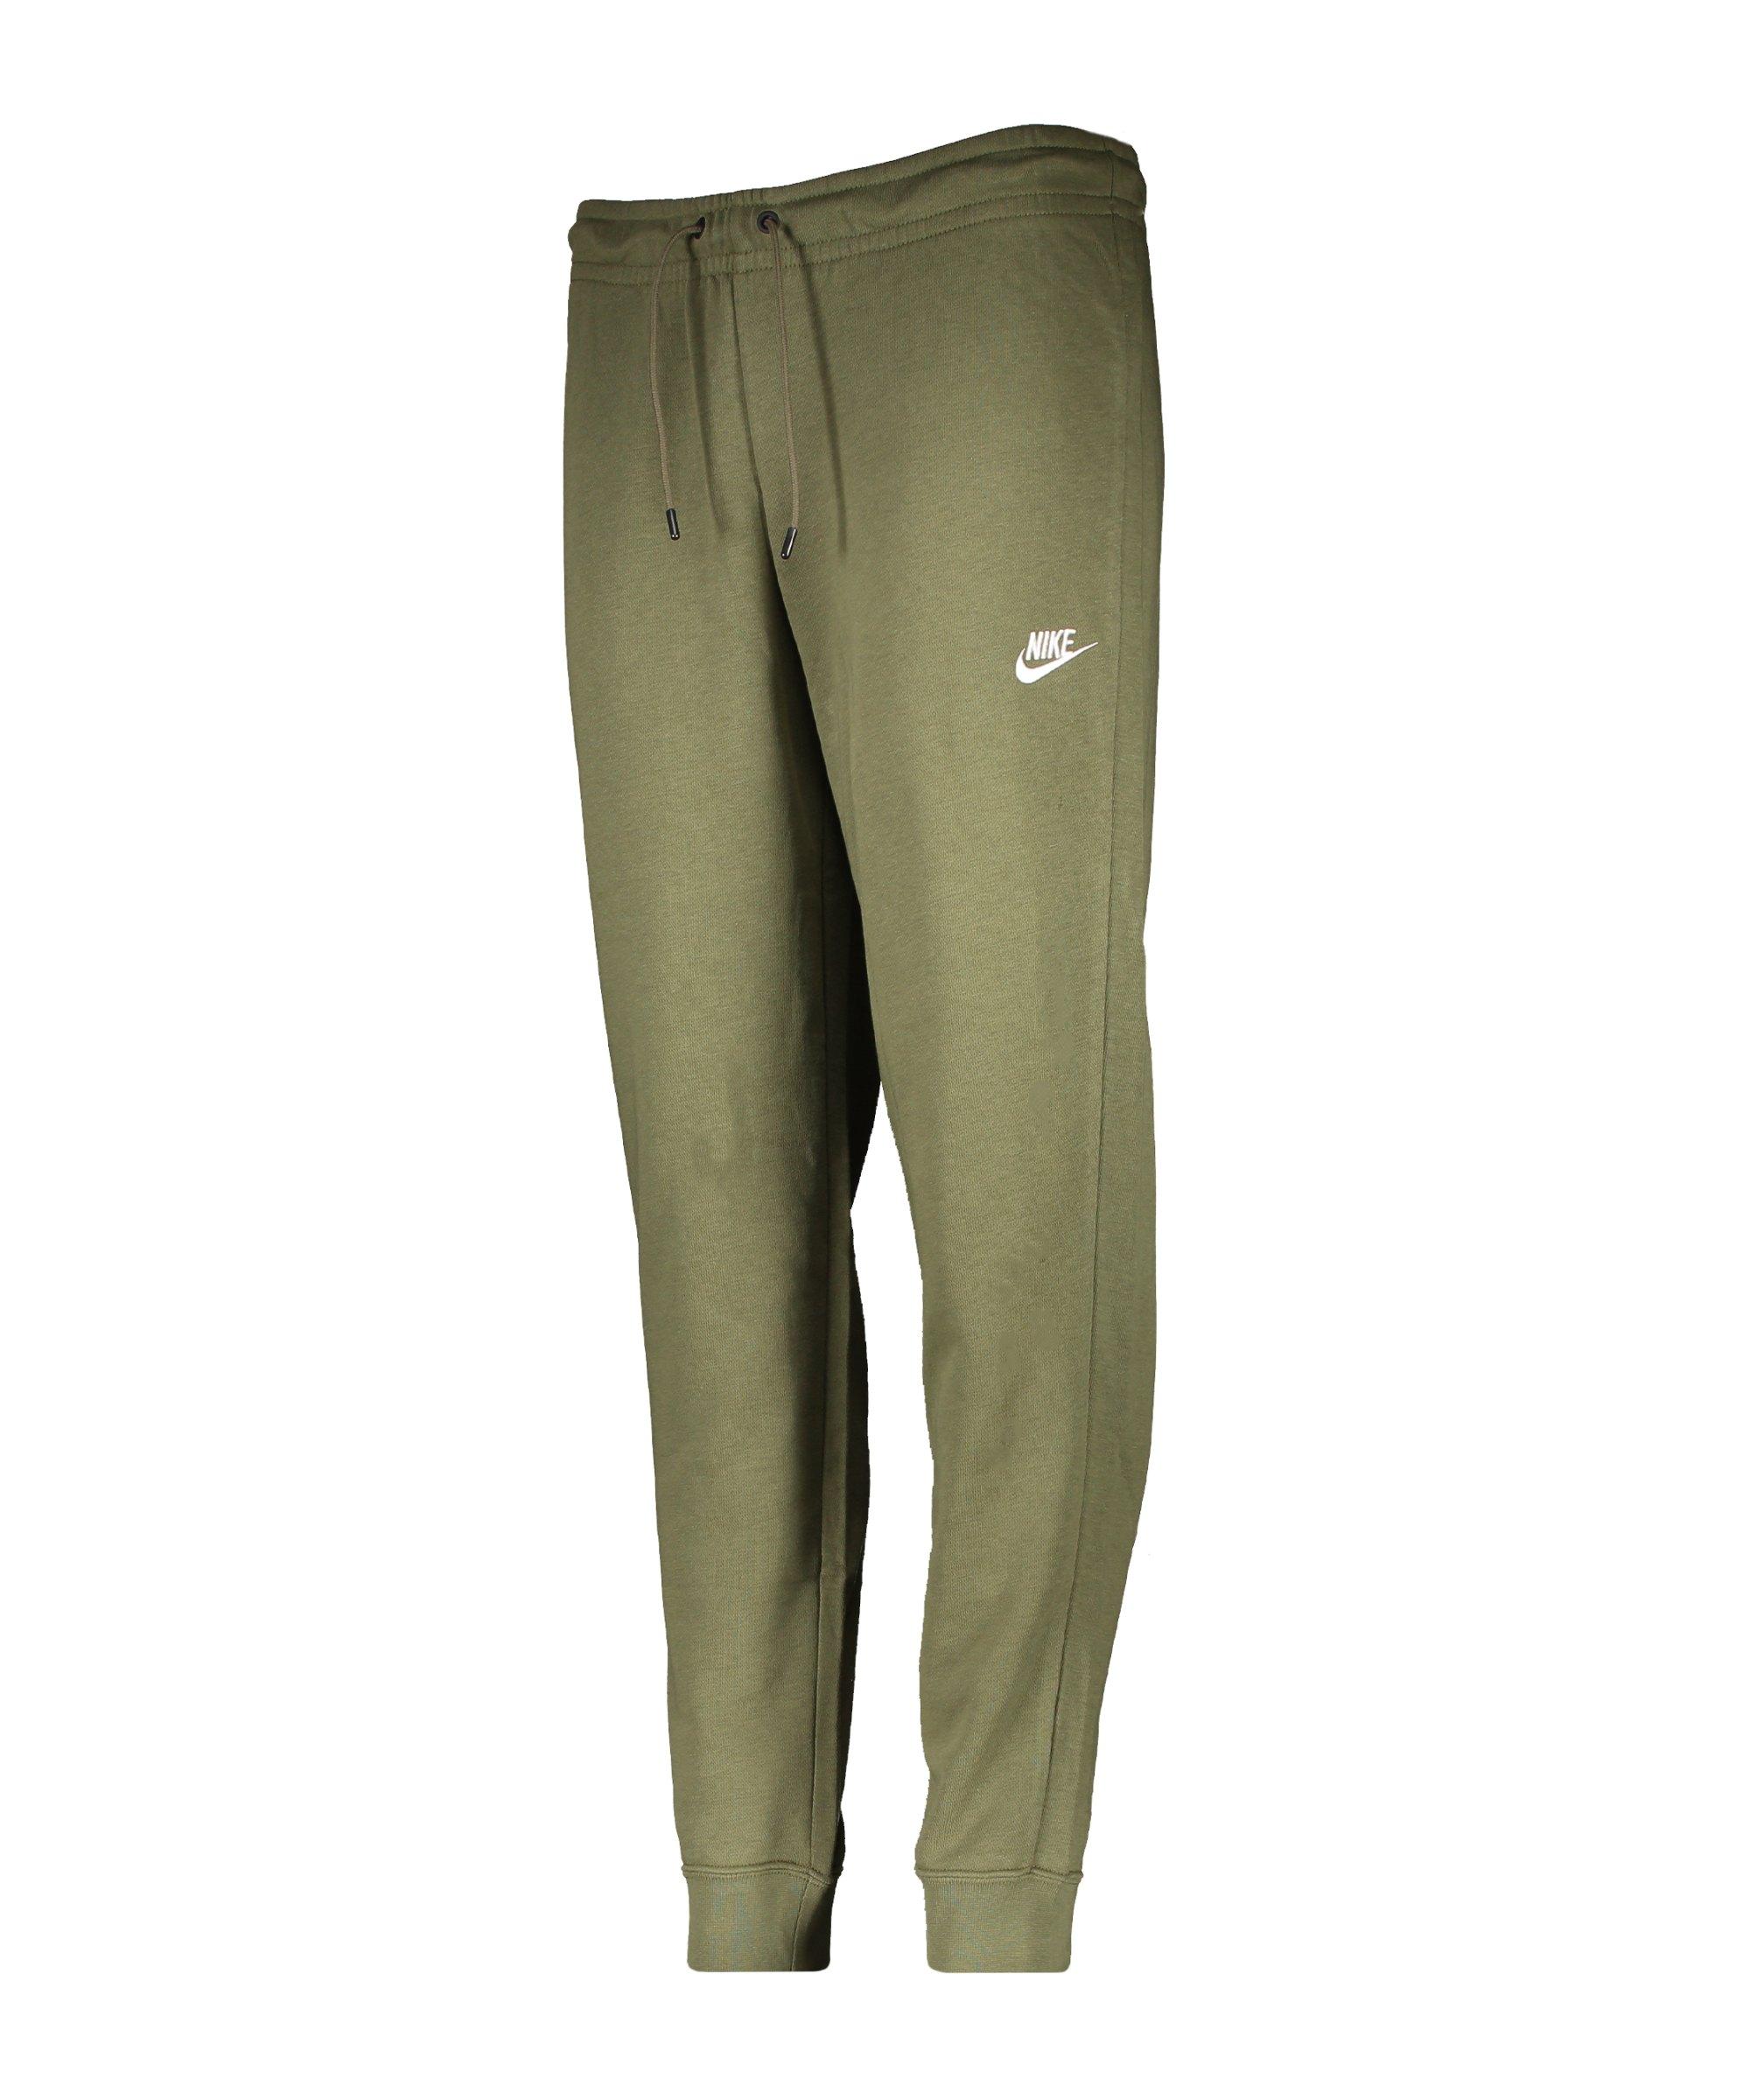 Nike Essential Fleece Jogginghose Damen Grün F222 - gruen